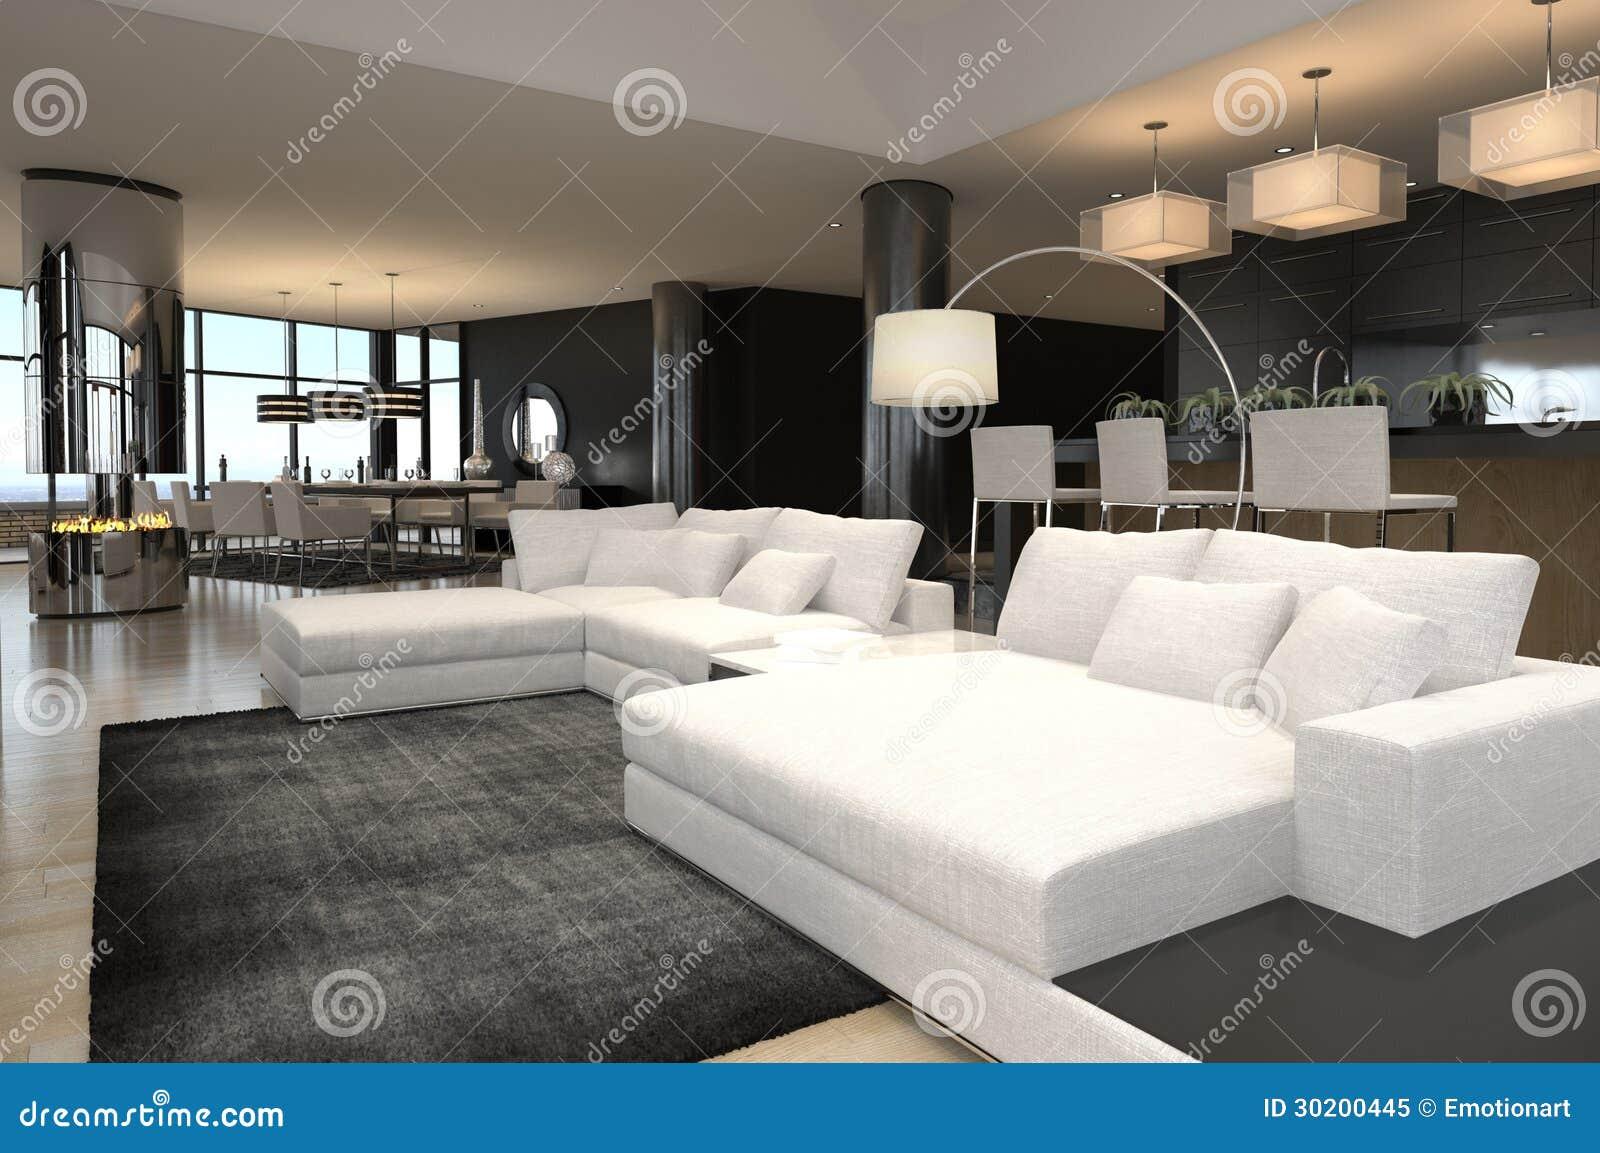 Modern living room interior design loft royalty free for Interior design living room loft